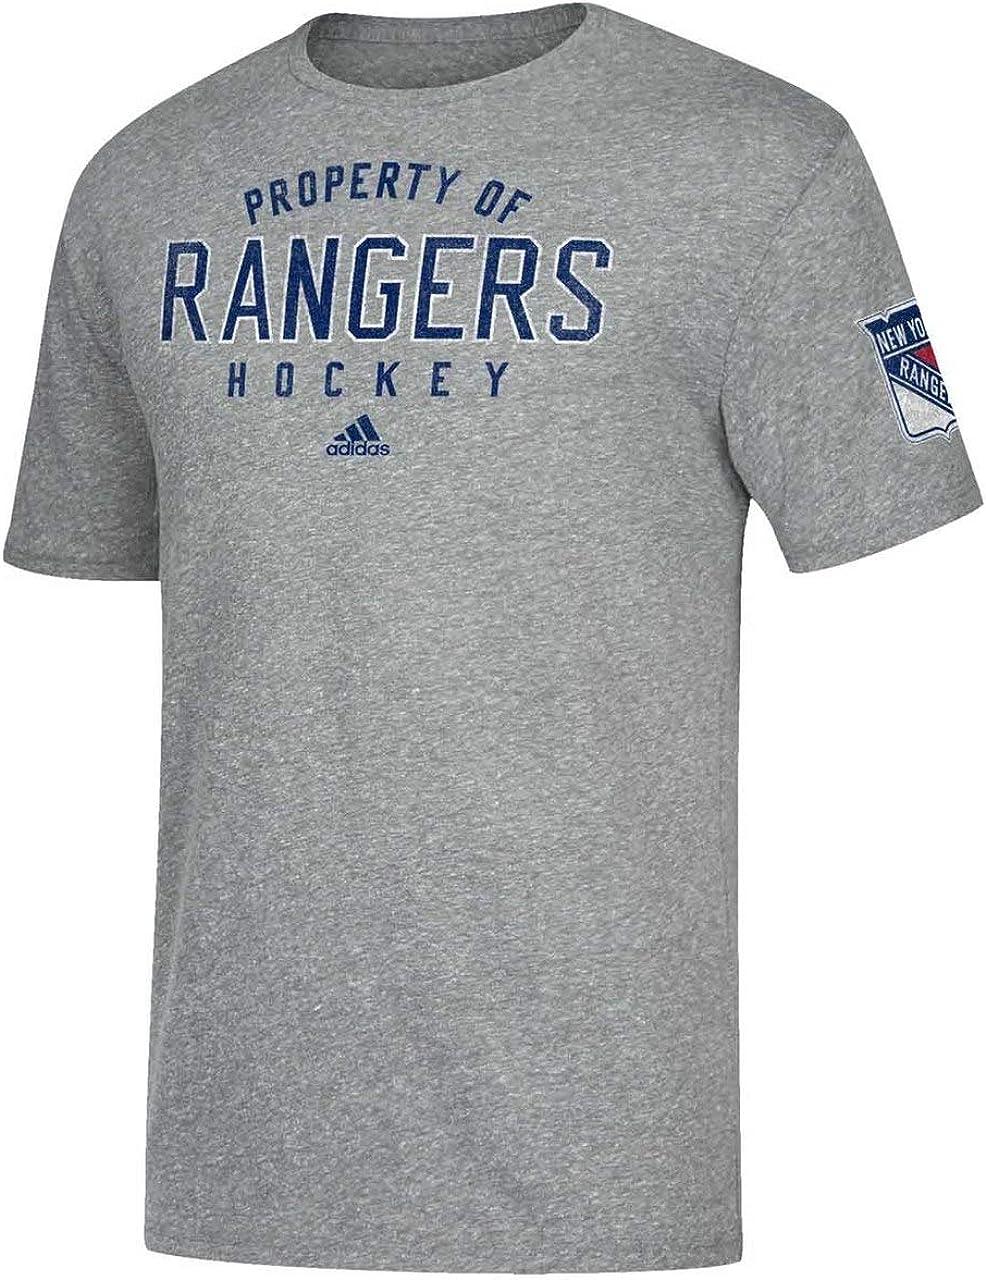 adidas New York Rangers - Camiseta de manga corta para adulto, diseño vintage de la NHL, color gris